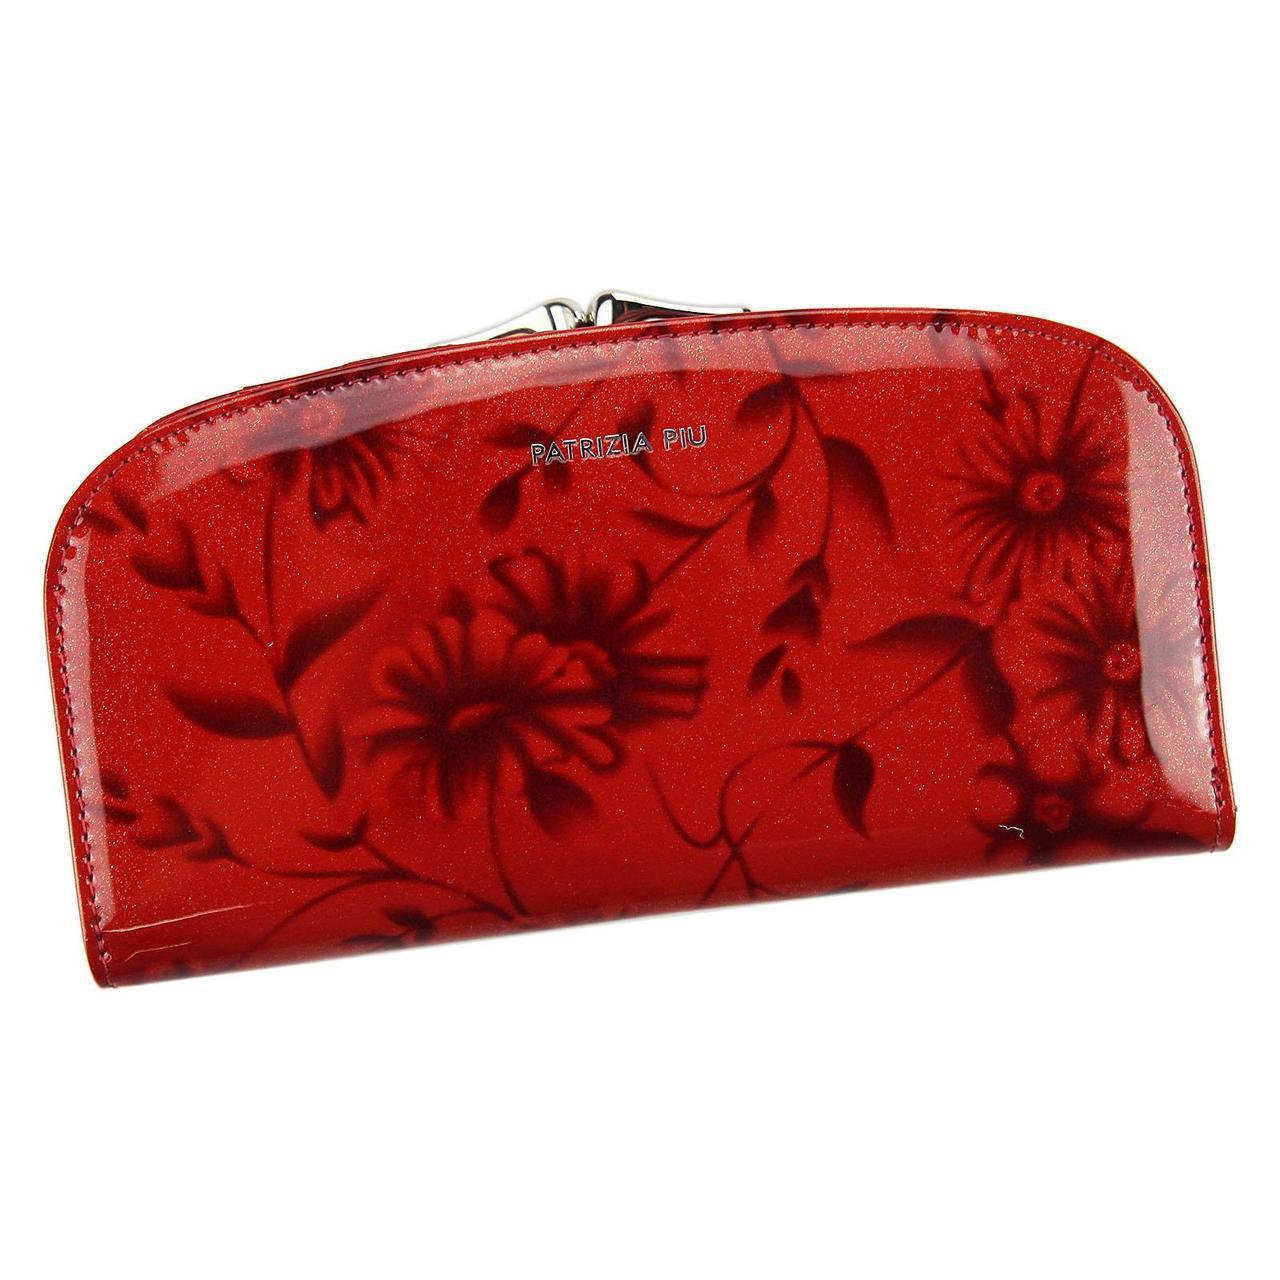 Женский кожаный кошелек Patrizia Piu FL-123 RFID Красный